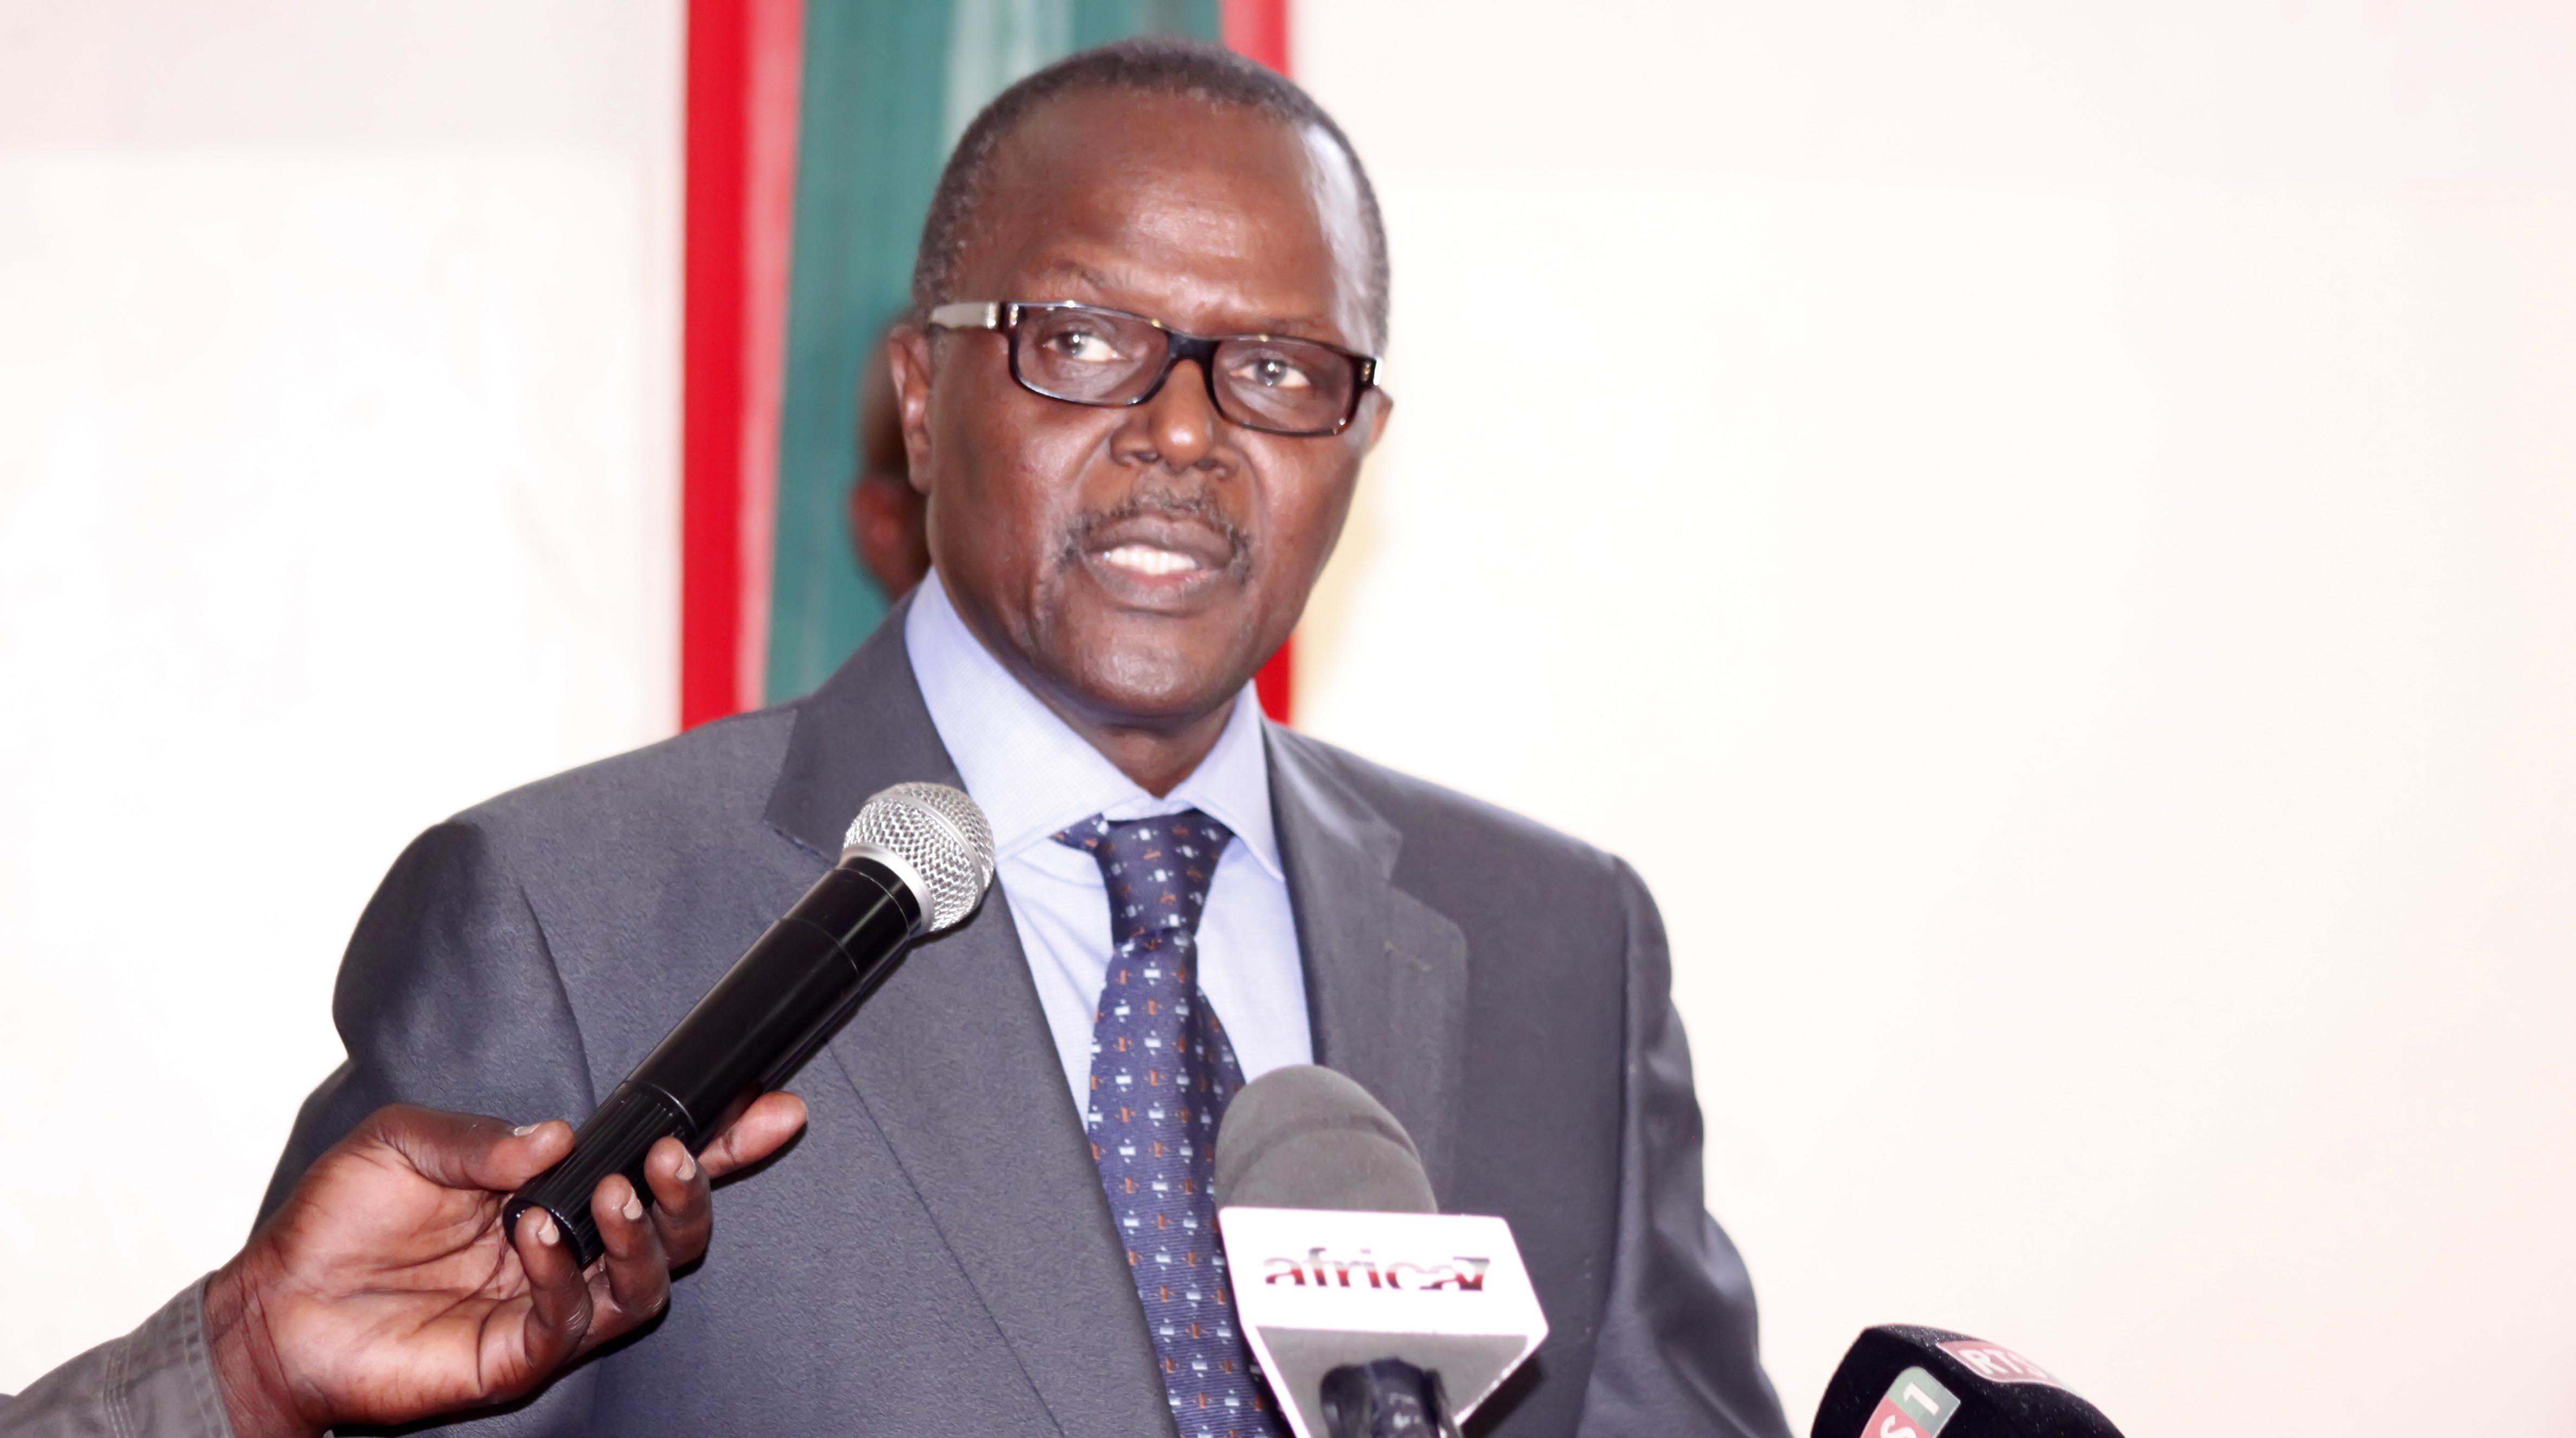 5 sièges prévus pour le Ps sur la liste de Macky Sall : dilemme cornélien pour Ousmane Tanor Dieng, face au partage du gâteau